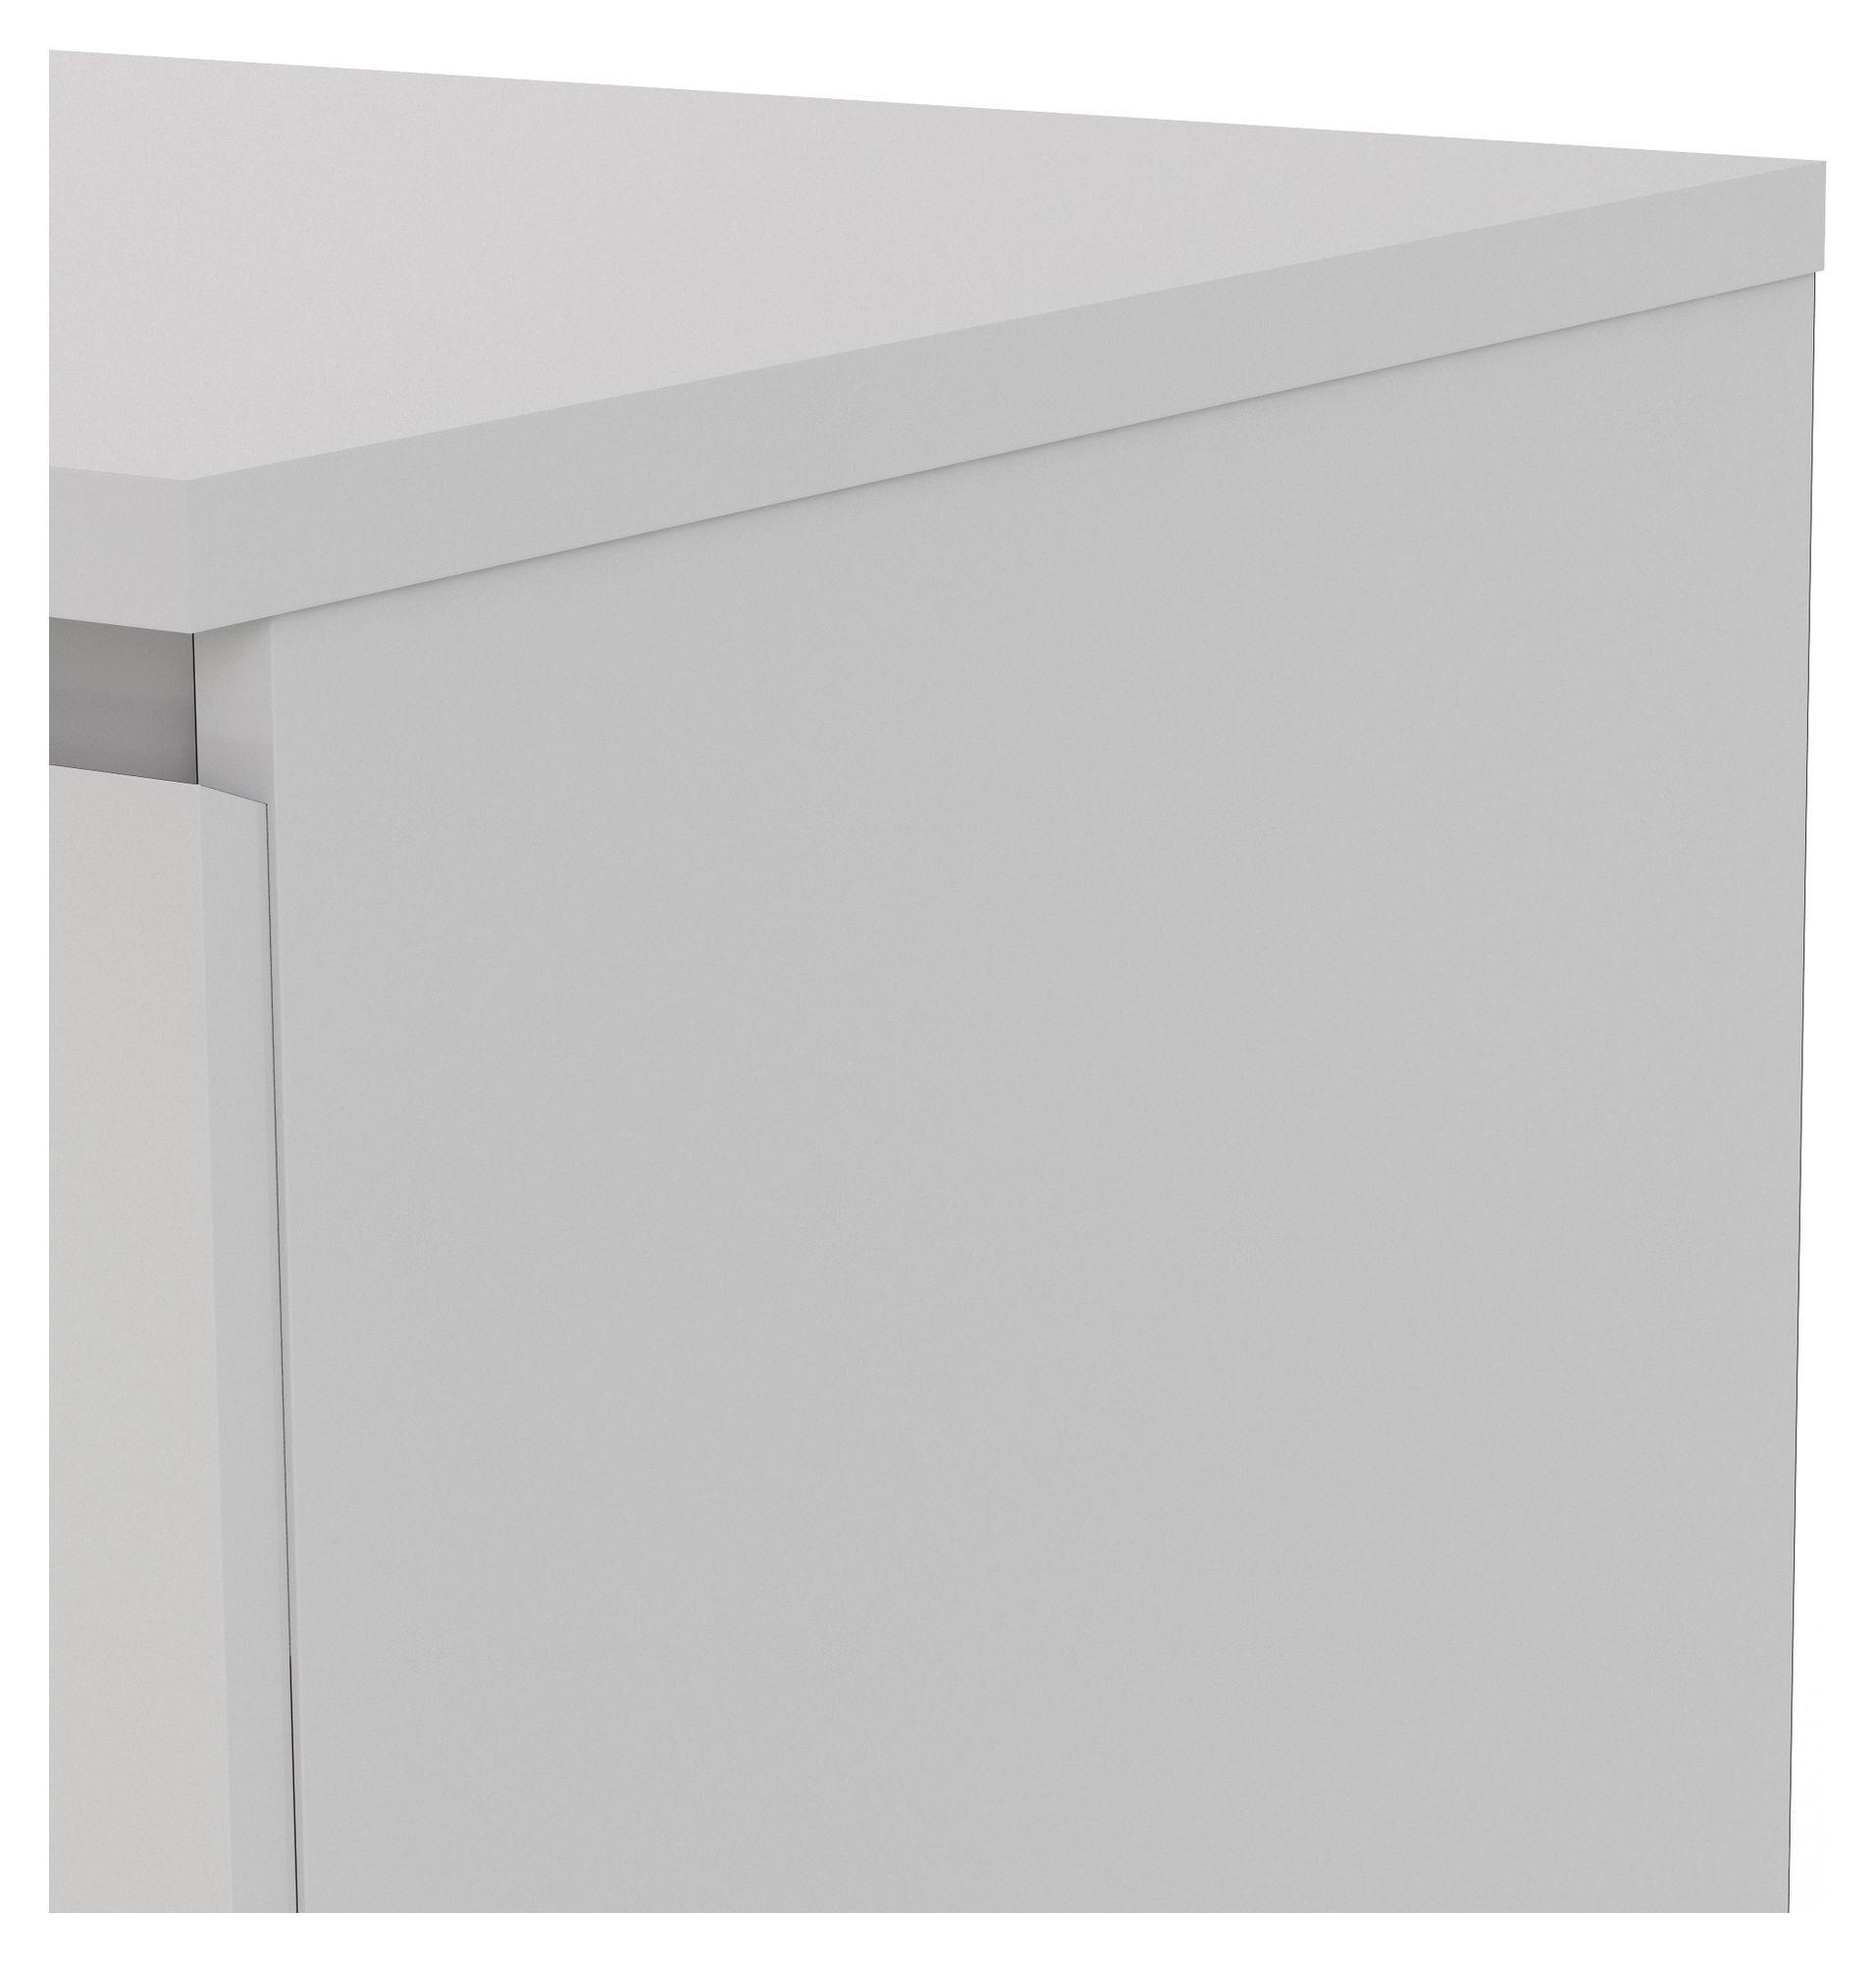 Naia Kommode - Hvid højglans m/3 skuffer - Kommode med 3 skuffer